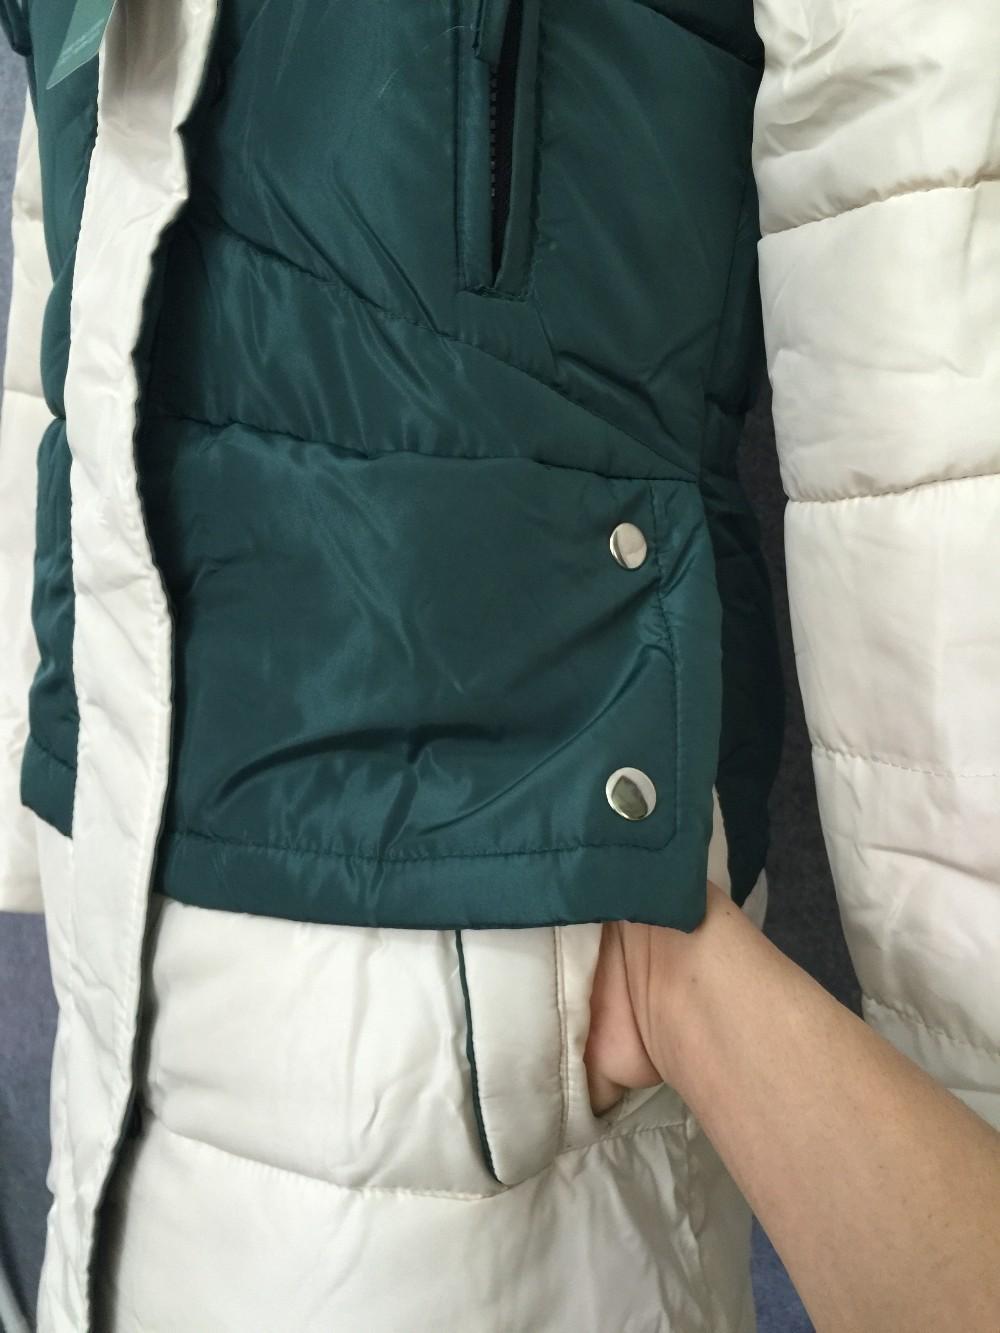 Роскошные / темперамент станция европа 2015 новый кожаный мех лисы овец куртка кожа и длинное пальто зимнее Gacket женщин